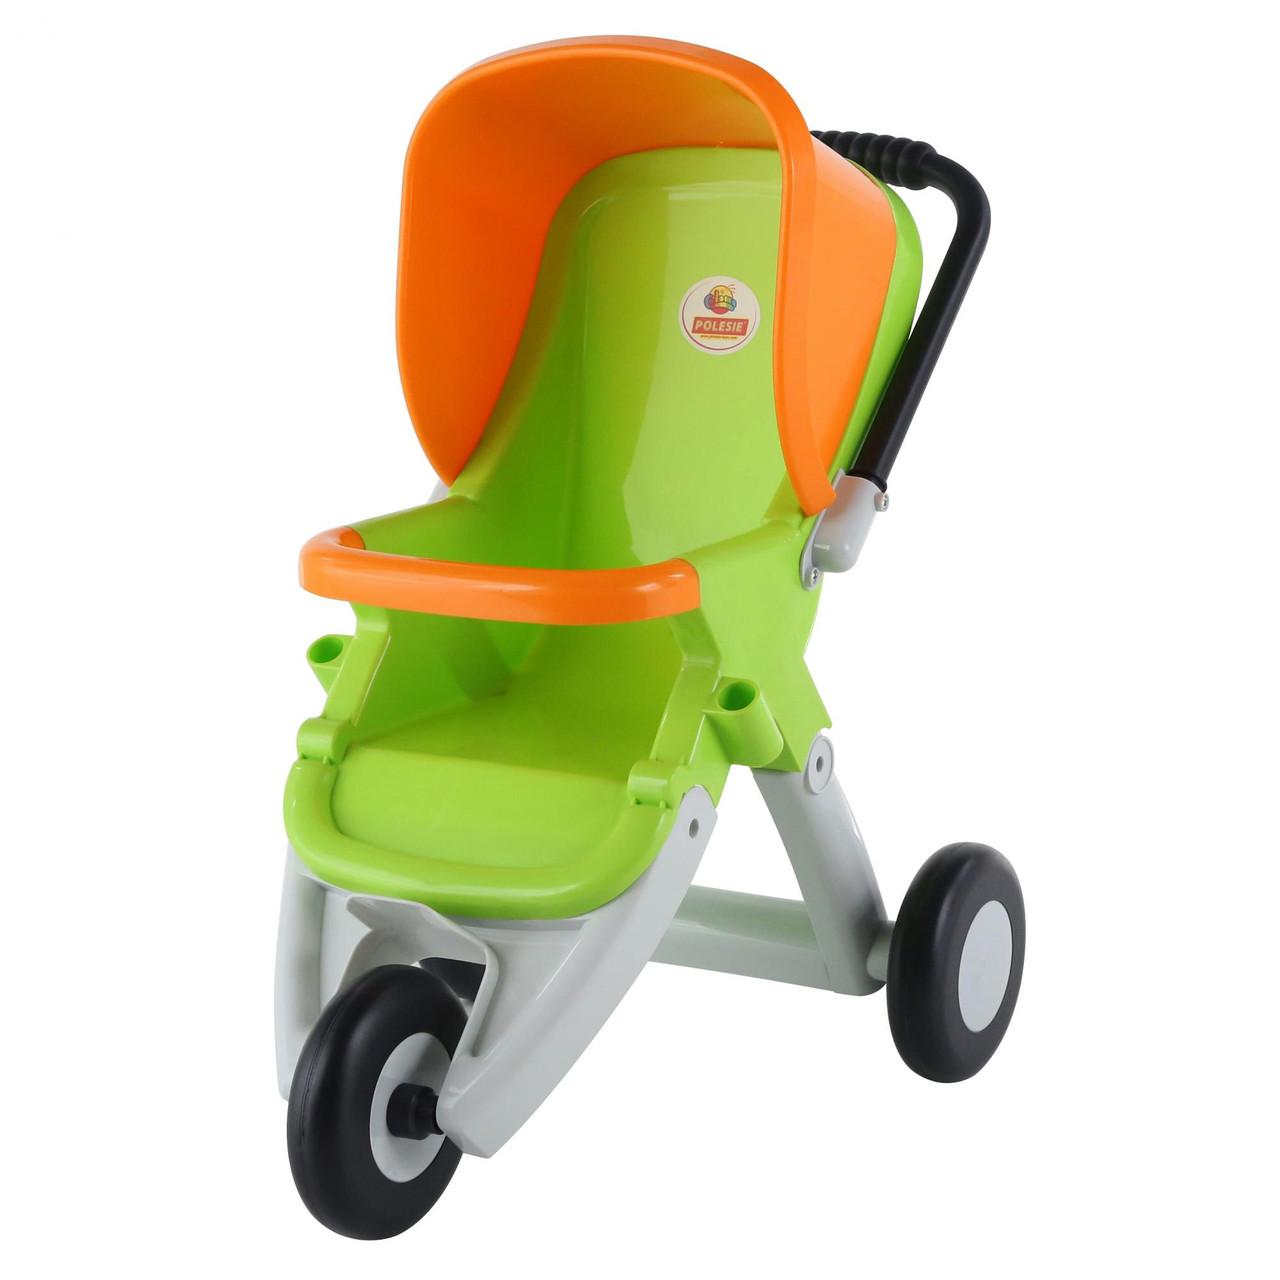 Коляска прогулочная для кукол 3-х колёсная салатово-оранжевая, «Coloma Y Pastor» (48127)